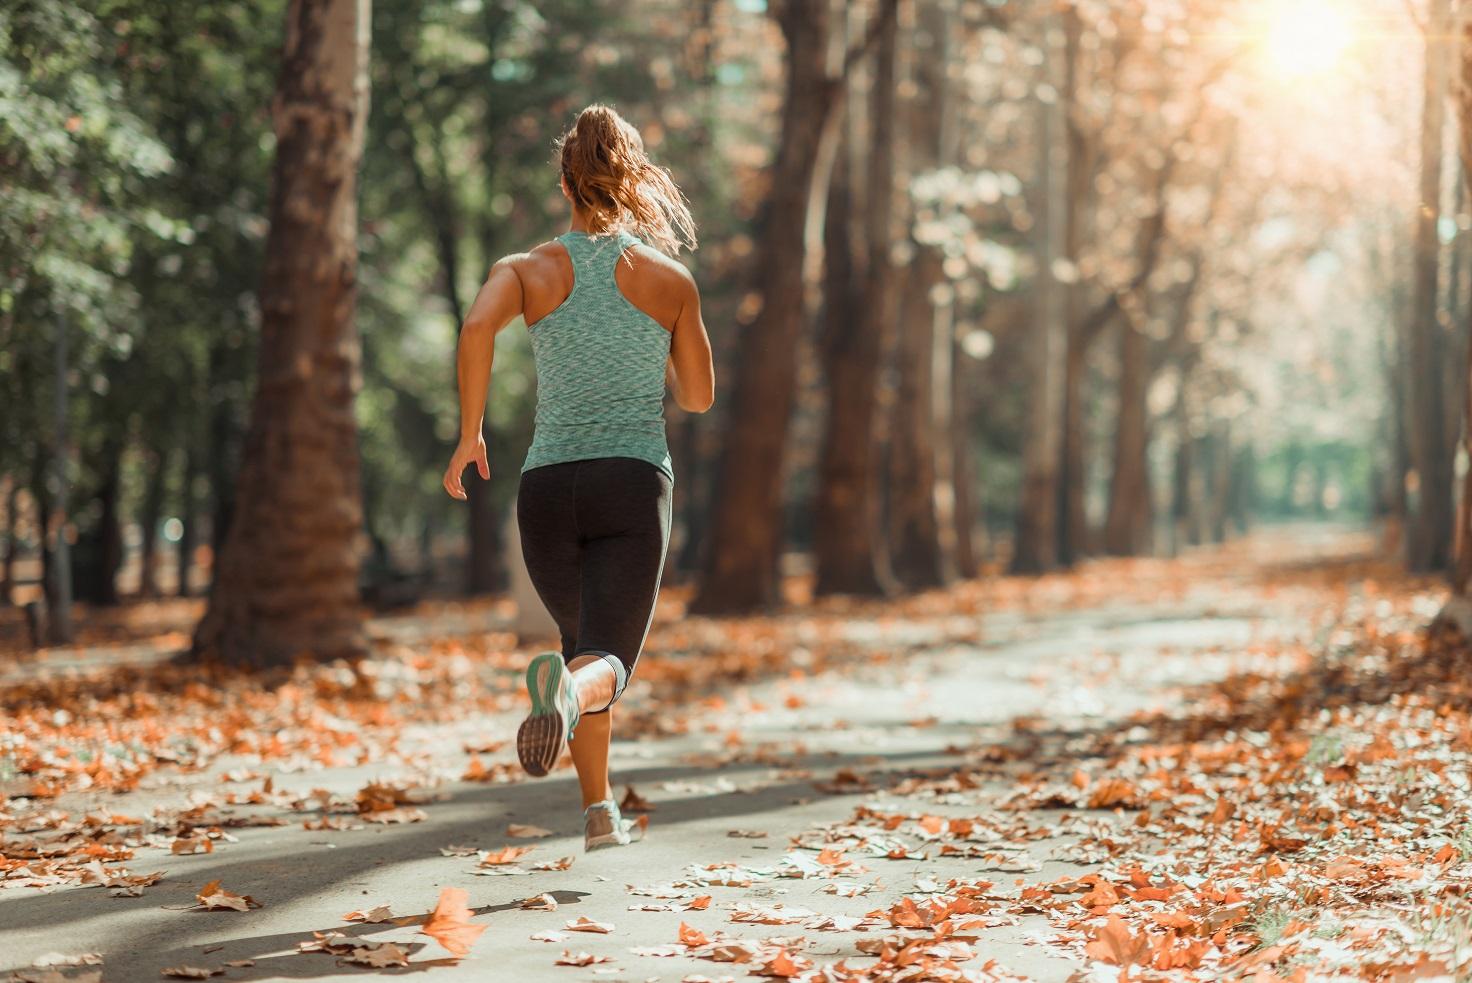 Pesquisa mostra que mais da metade dos corredores amadores já sofreu alguma lesão